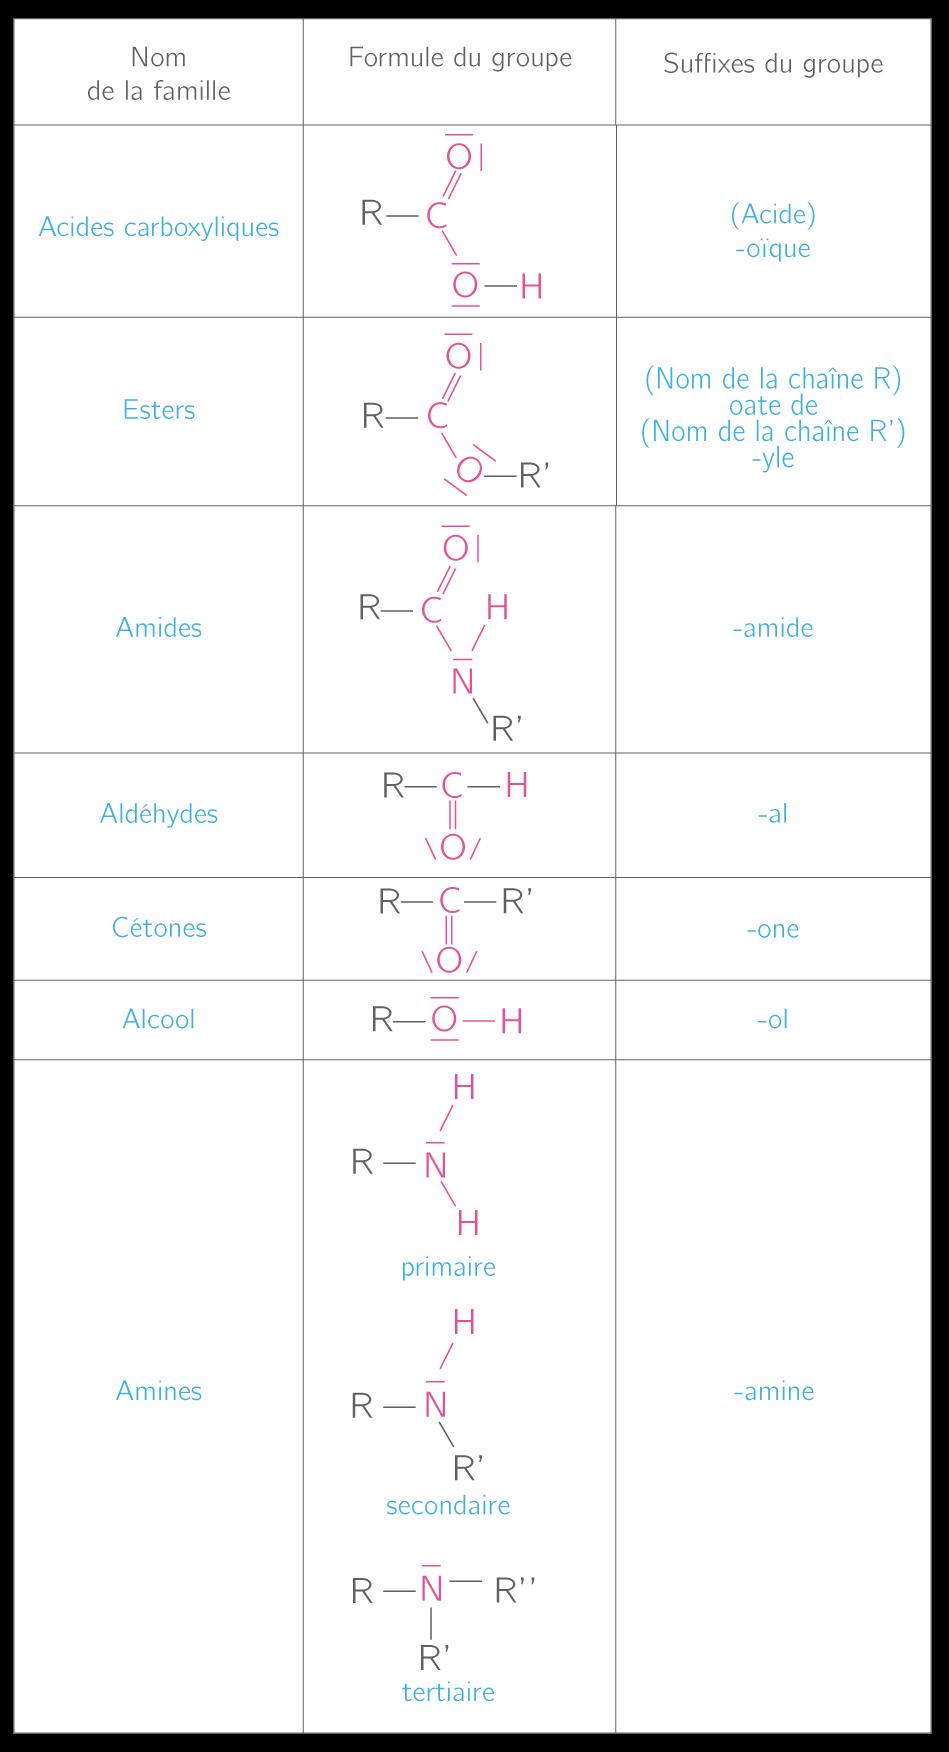 les compos s organiques cours physique chimie kartable